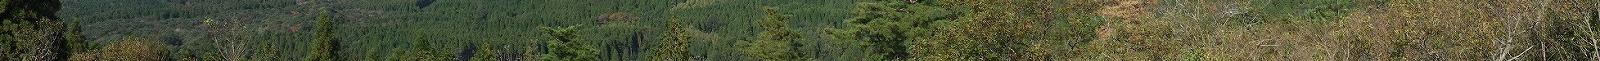 夢見が丘より見た霧島連山8−6